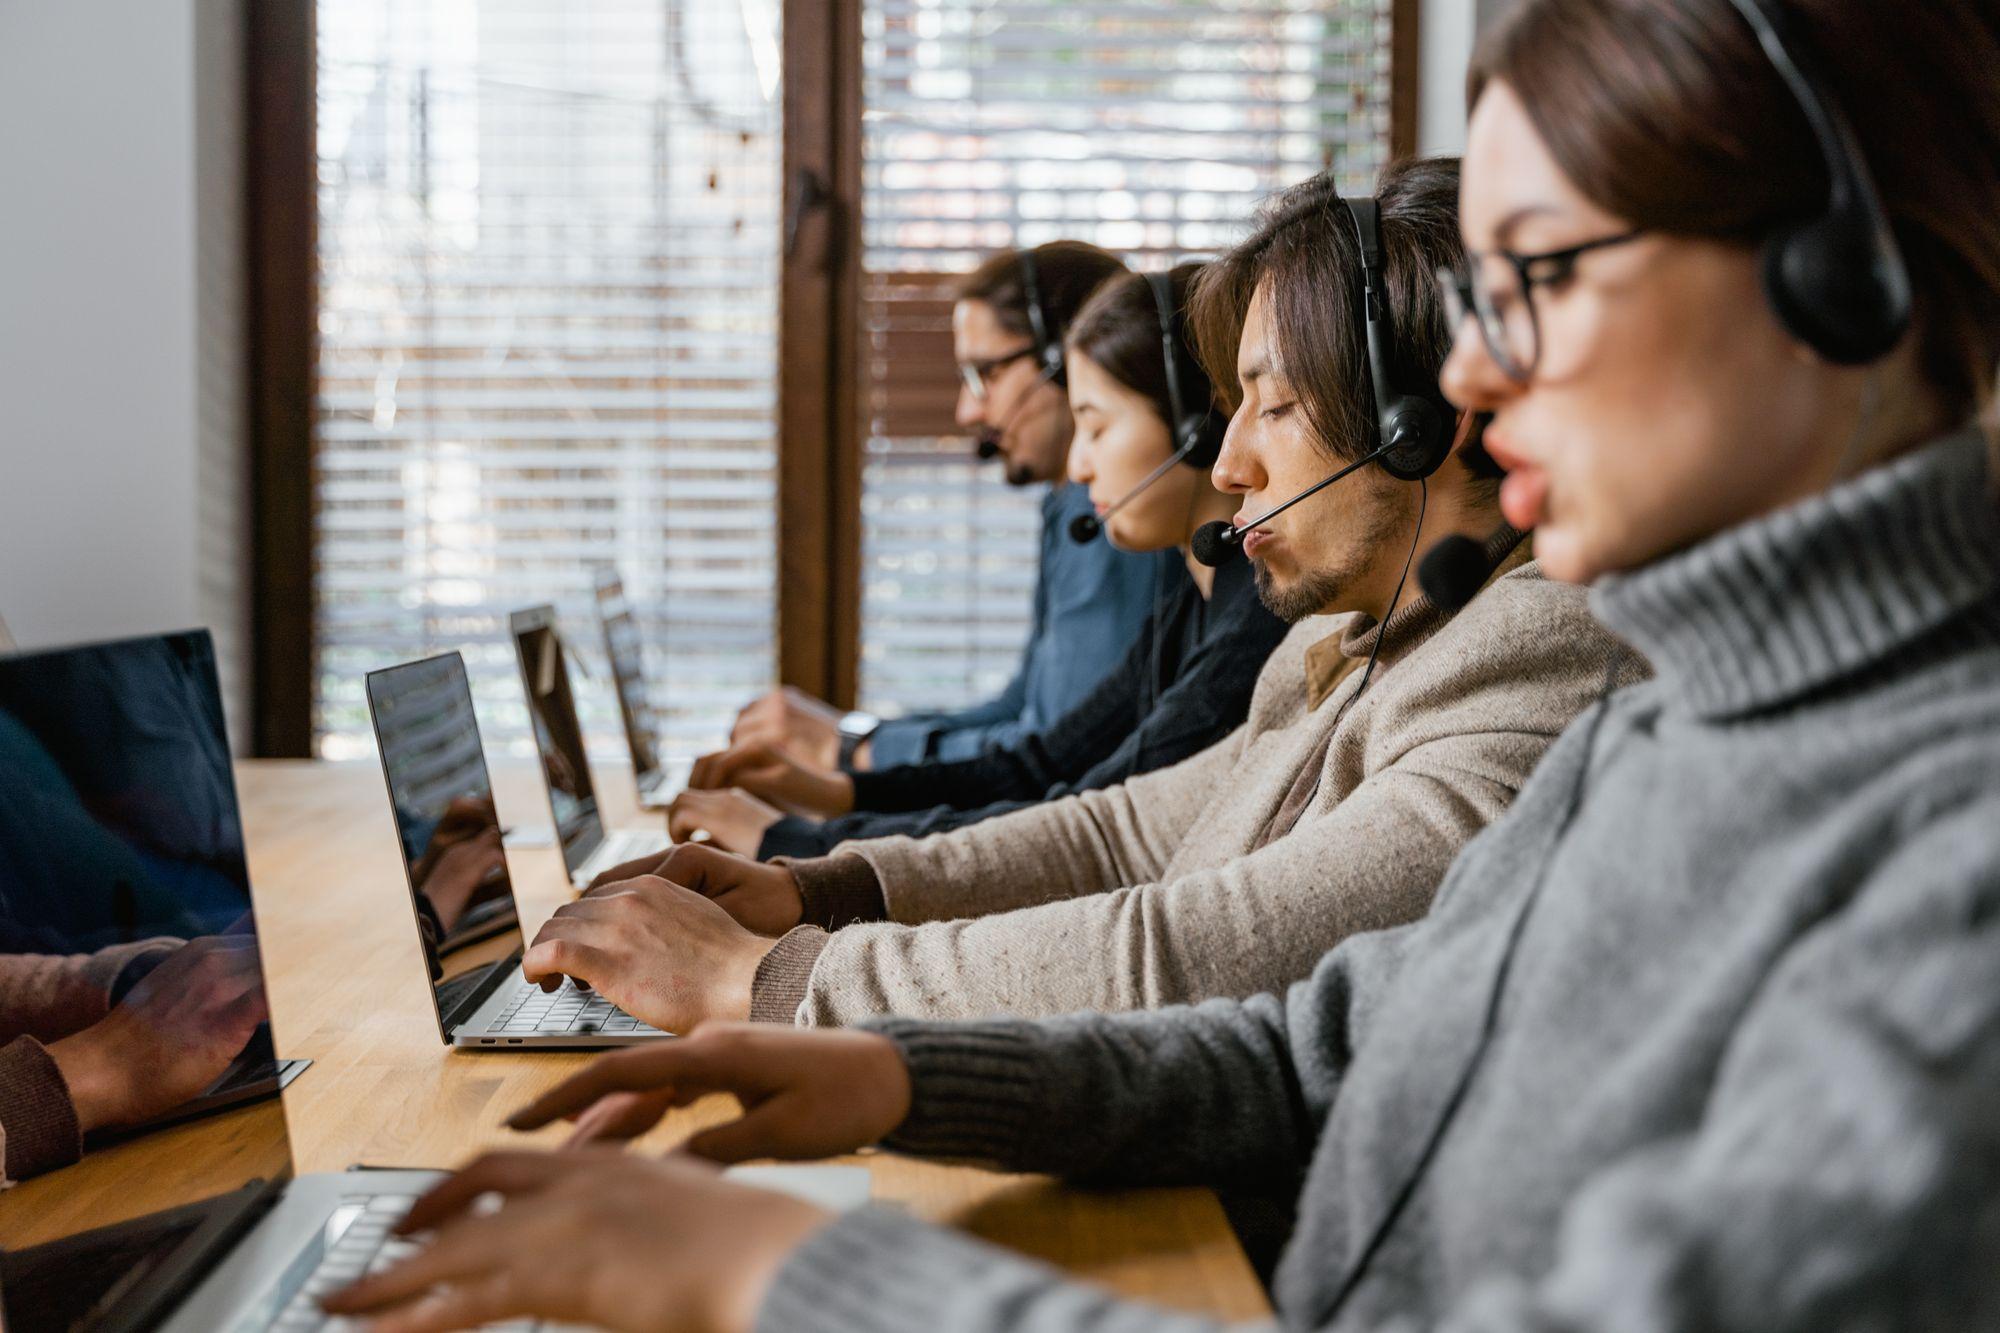 Digital customer support